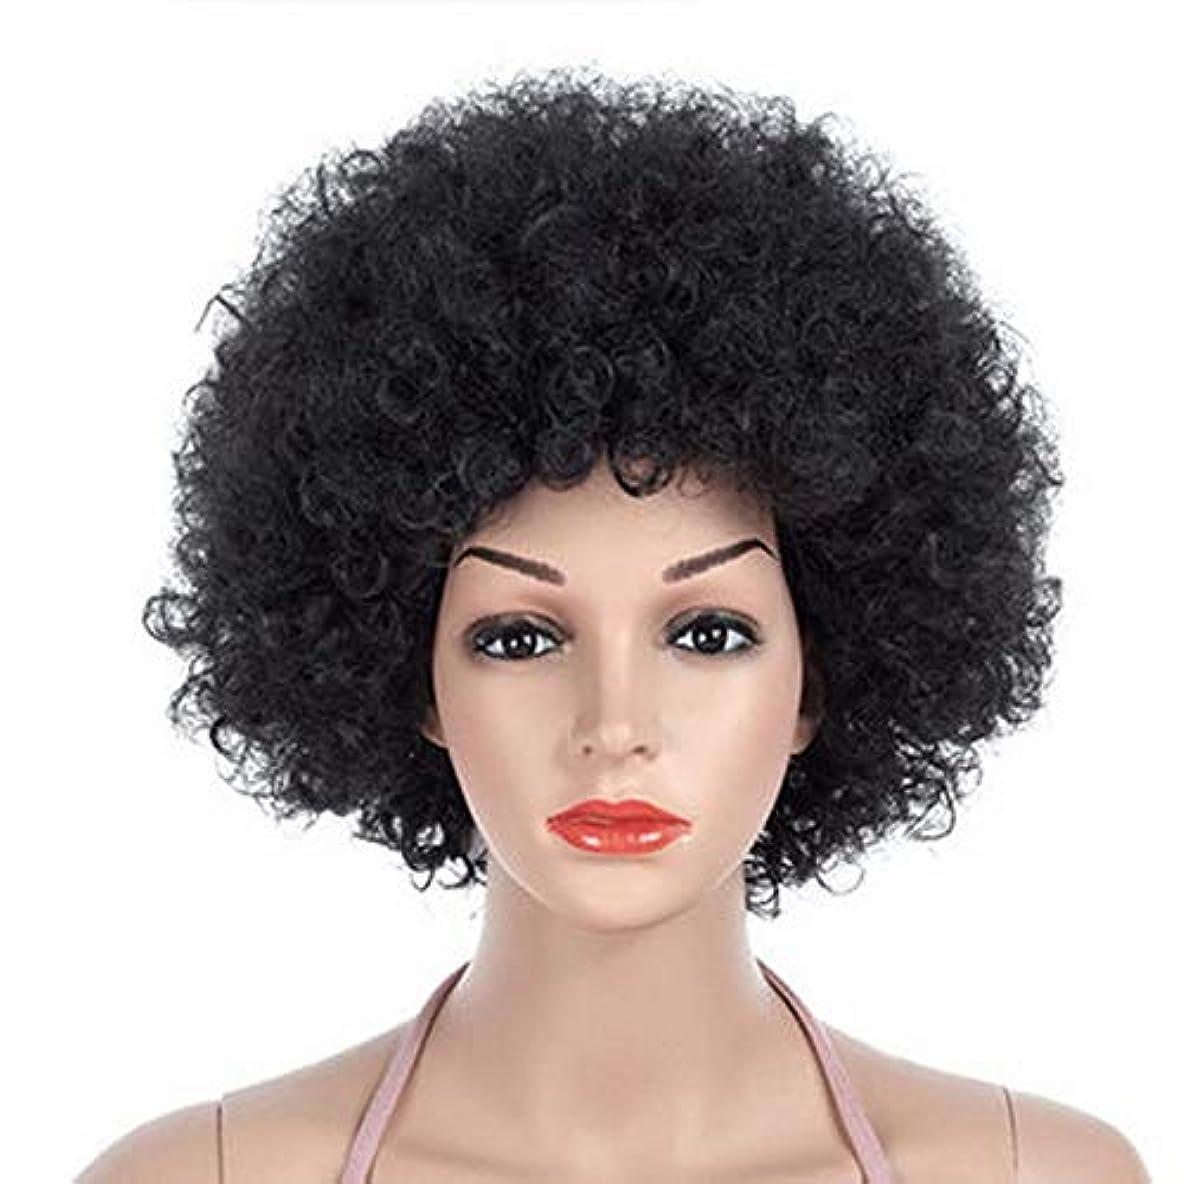 アウターキウイ活性化するユニセックスメンズウィメンズショートふわふわアフロかつら髪、高密度温度合成かつらコスプレヘアウィッグ、耐熱ファイバーヘアウィッグ、ブラックウィッグ11インチ